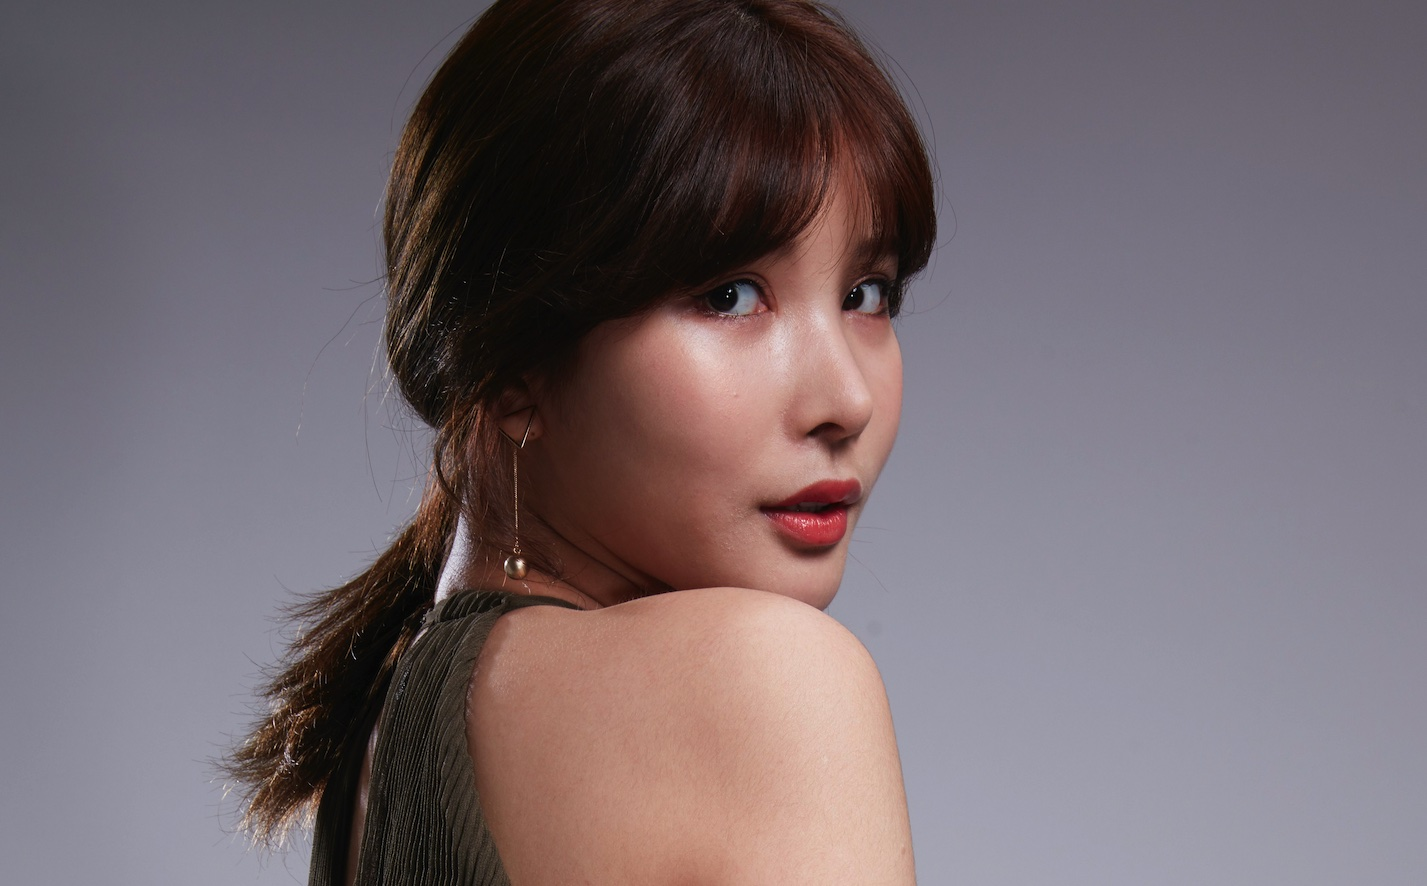 人像修图JPG素材 演员黄思思某电影定妆照生图第一组 收集整理 第1张